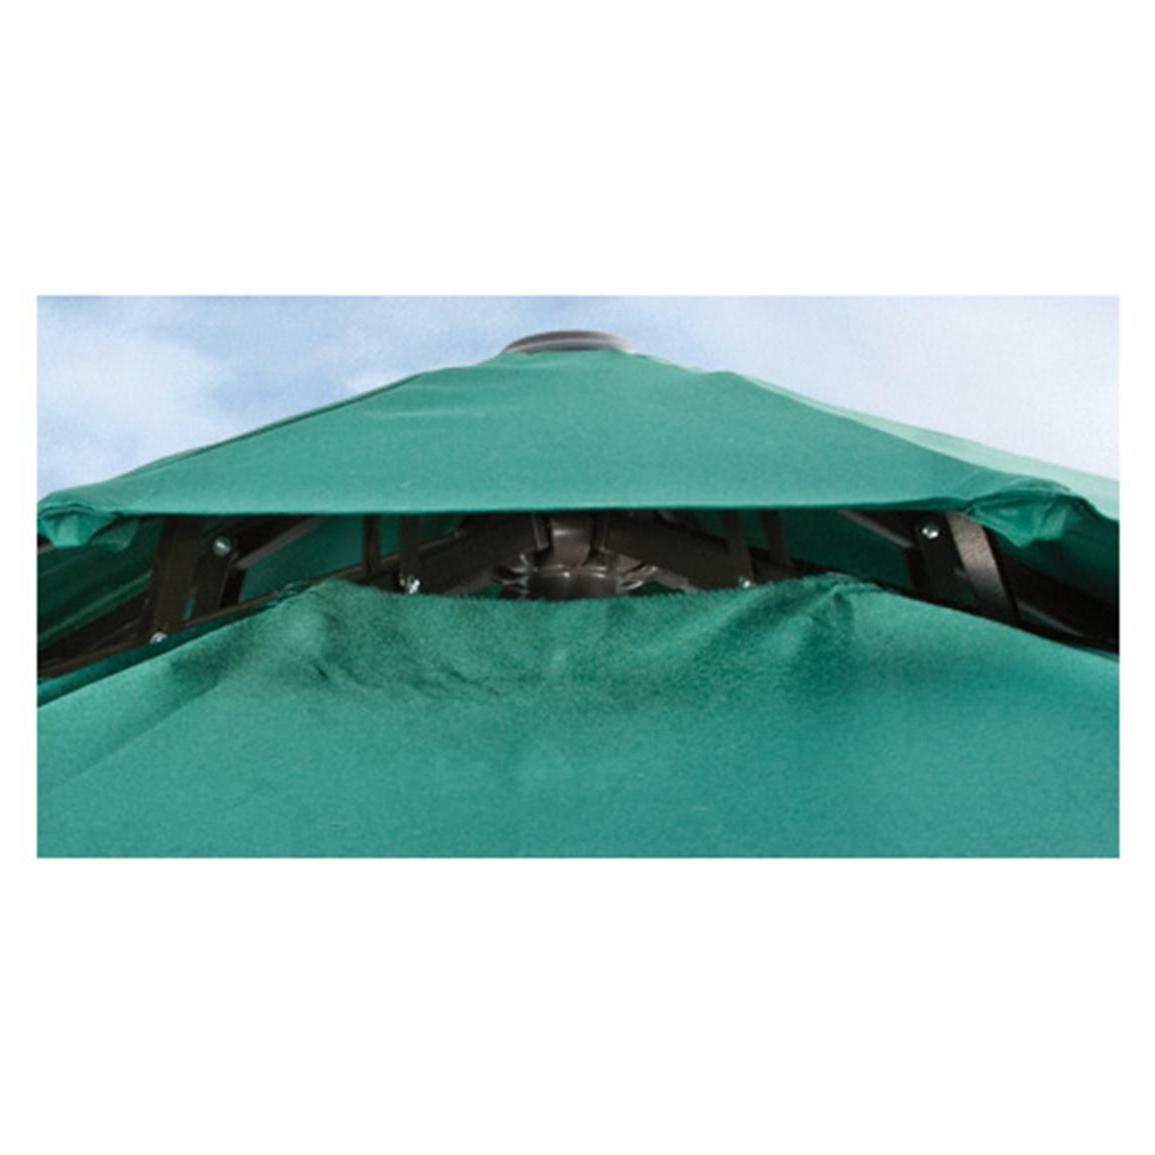 Most Popular Vented Patio Umbrellas Regarding Castlecreek 9' Two Tier Patio Umbrella With Crank – 581840, Patio (View 7 of 20)